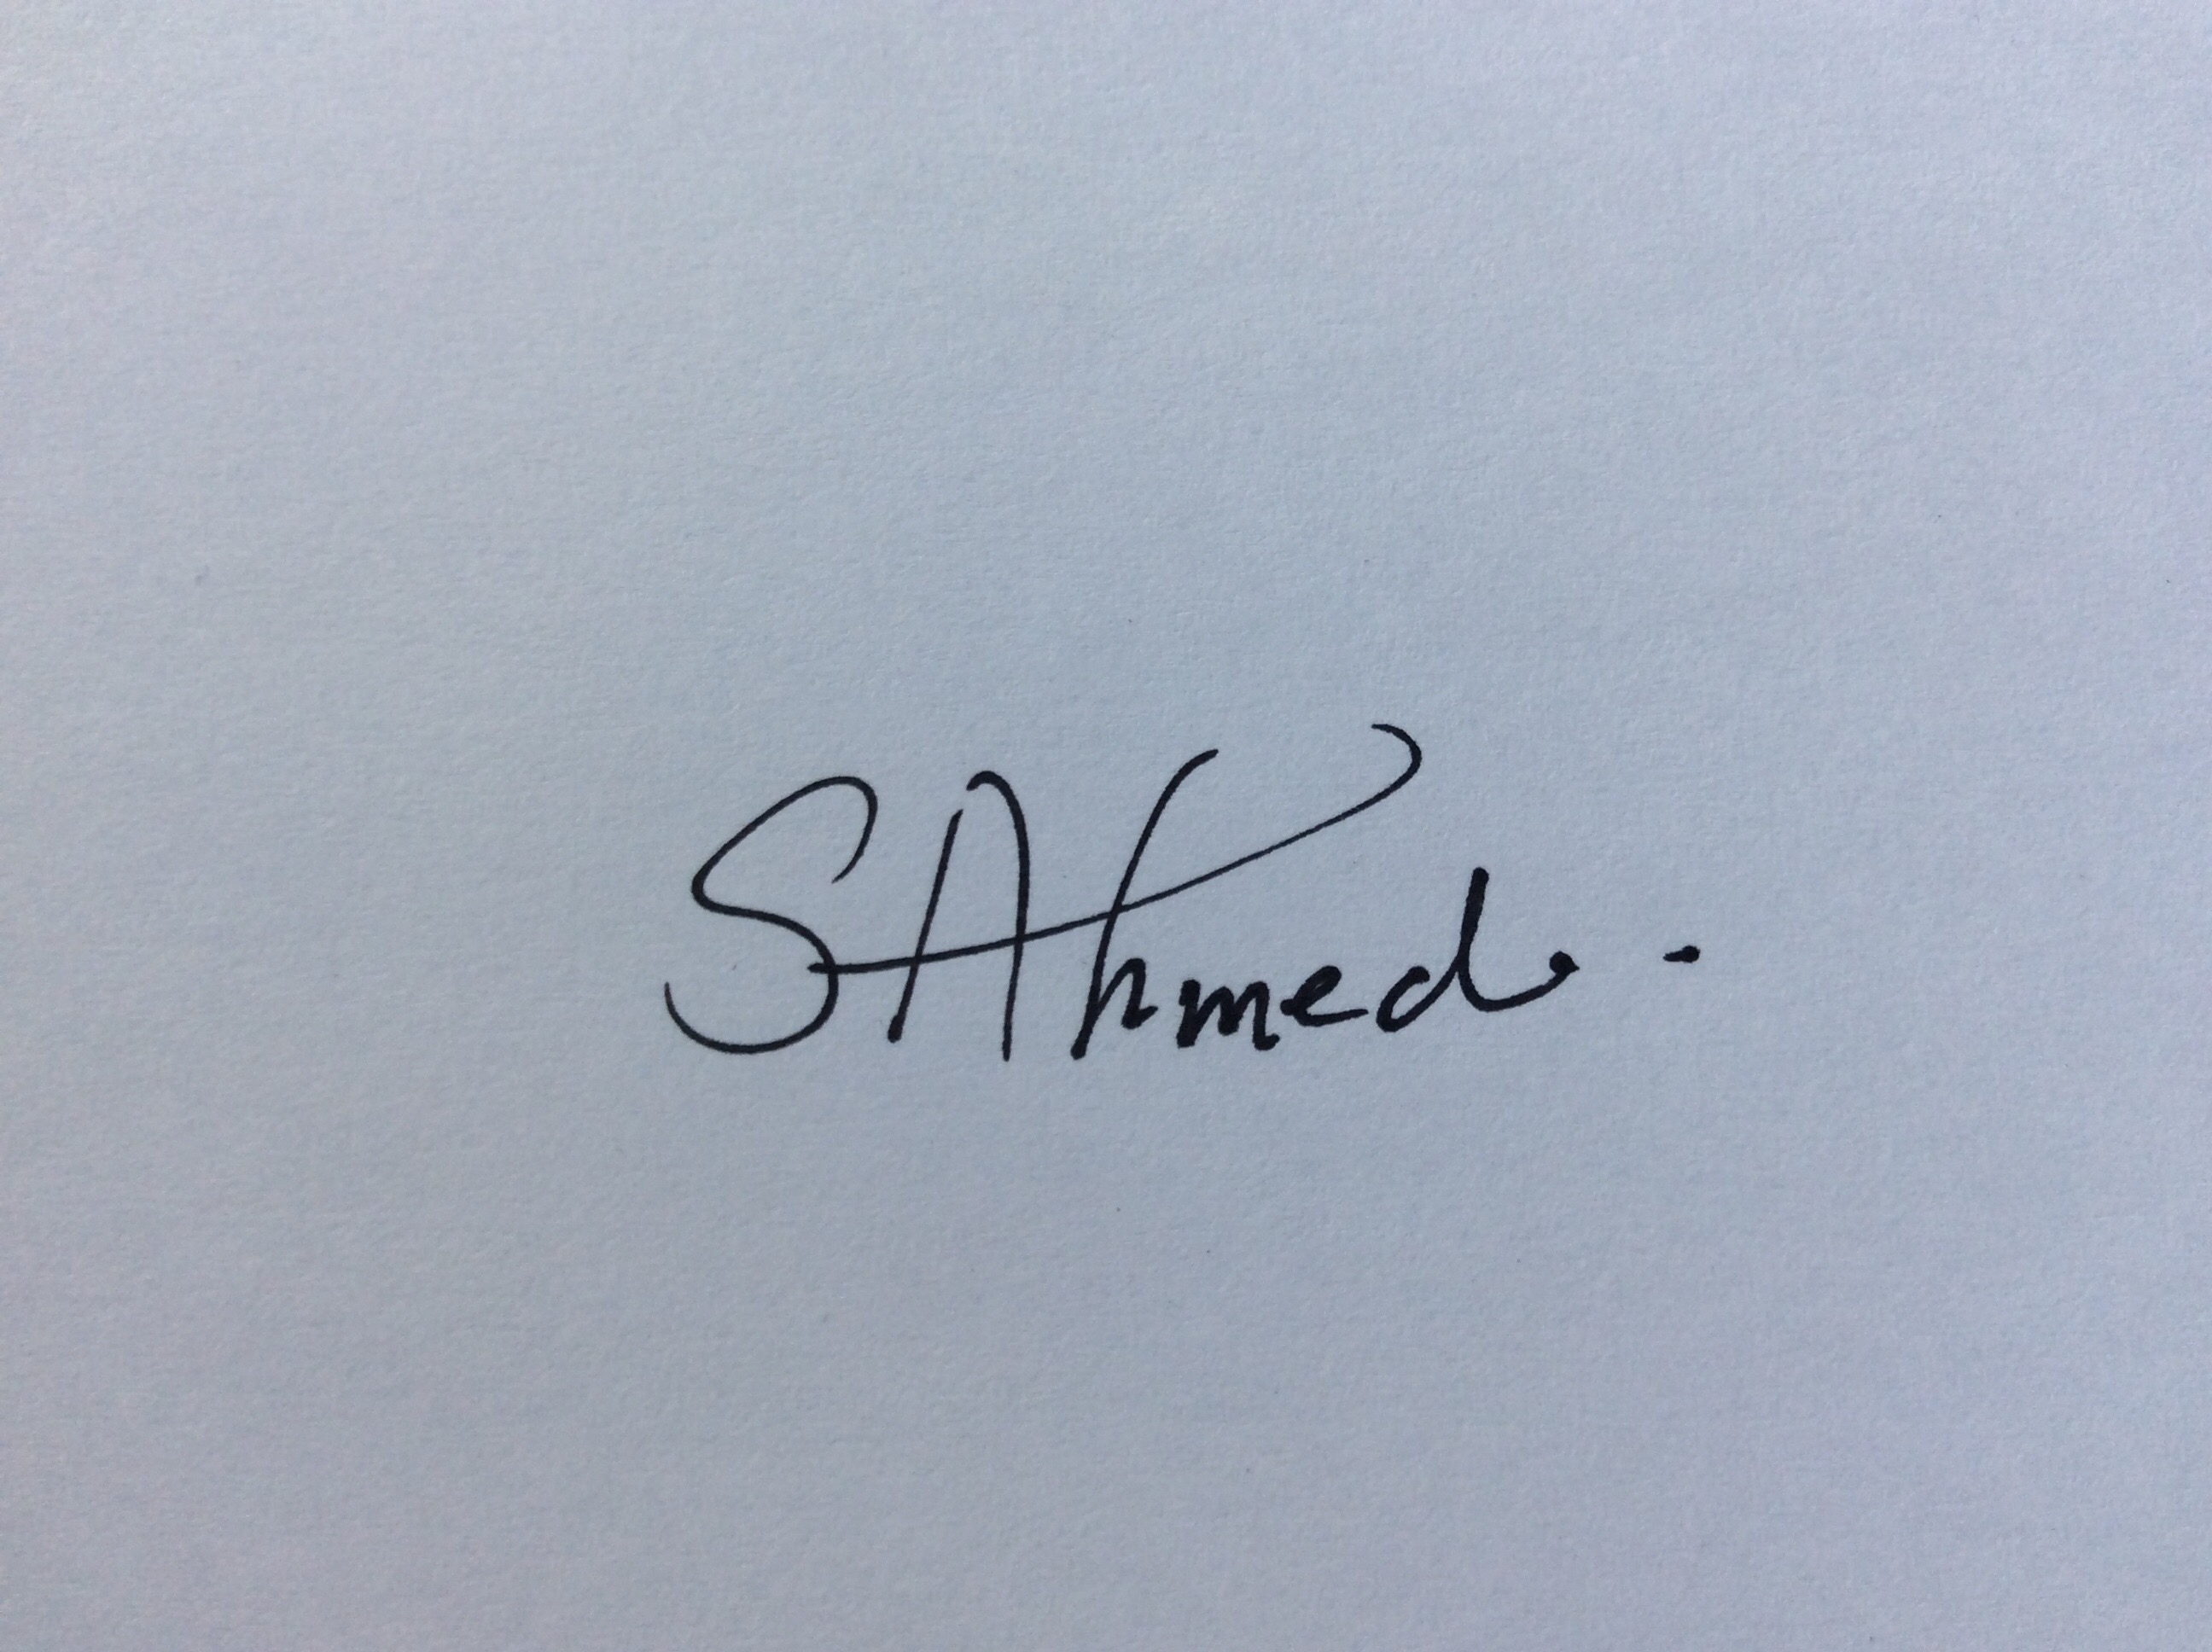 Samia Ahmed's Signature